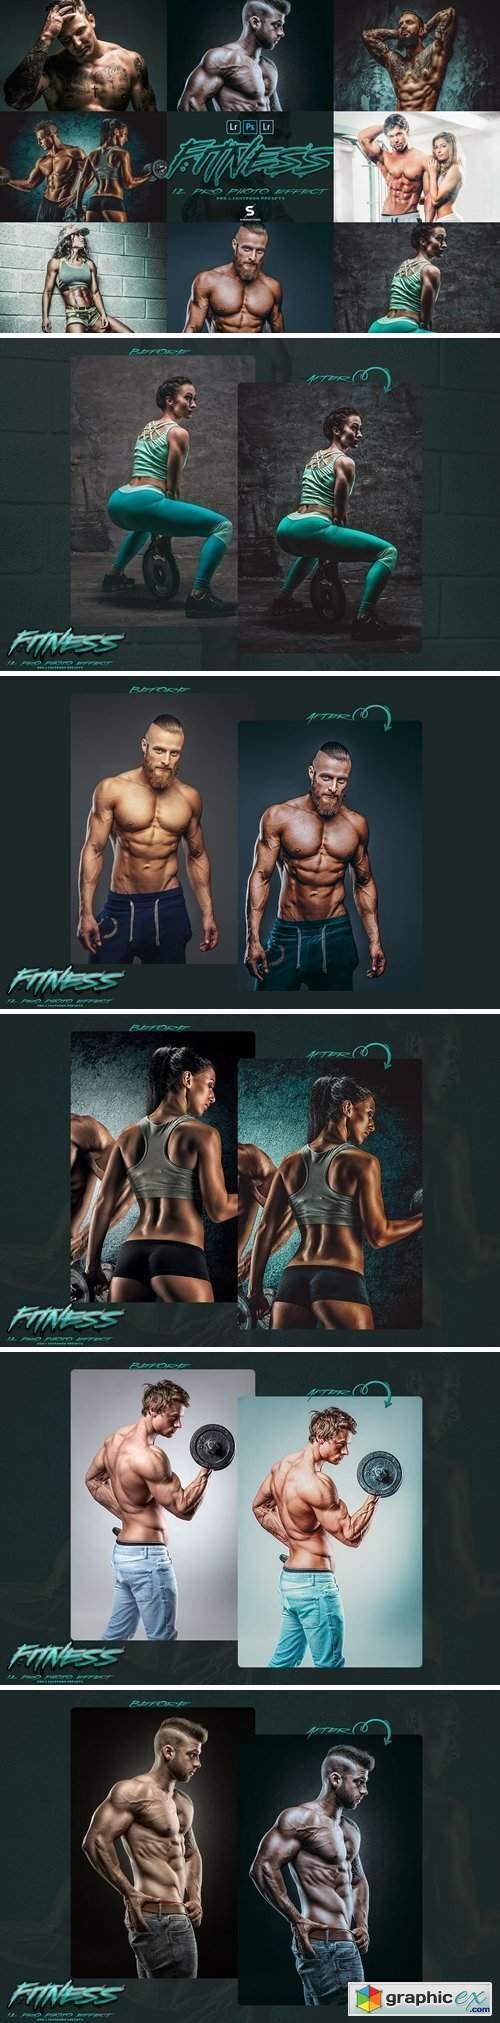 PRO Fitness Image Lightroom Presets